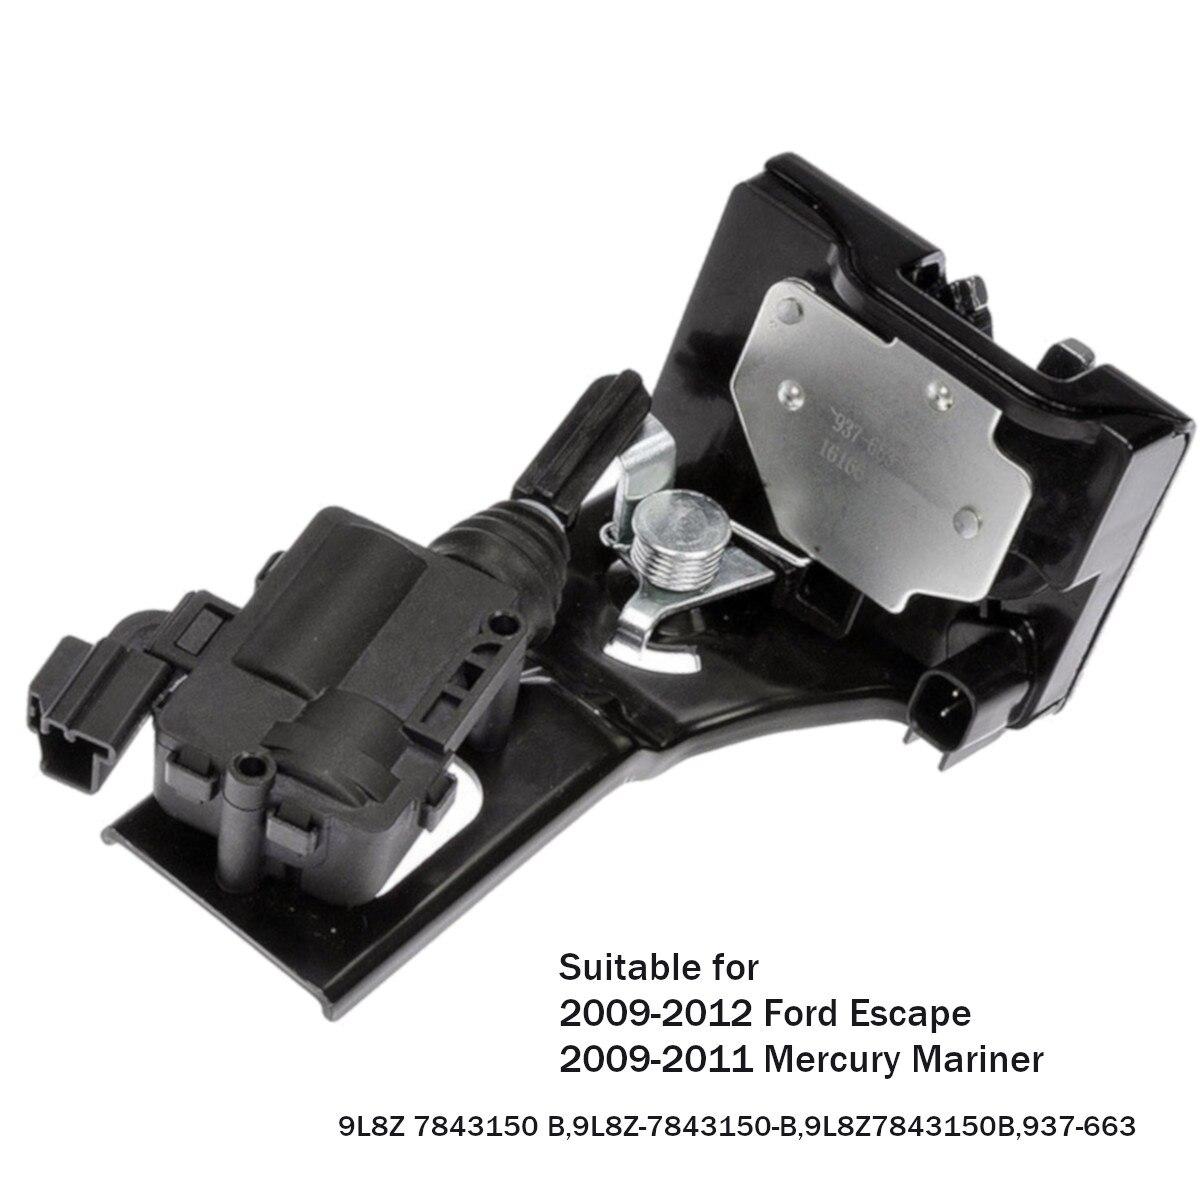 Багажника замок привод замка для Ford Escape для Mercury Mariner 2009-2012 9L8Z7843150B 9L8Z 7843150 B/937-663